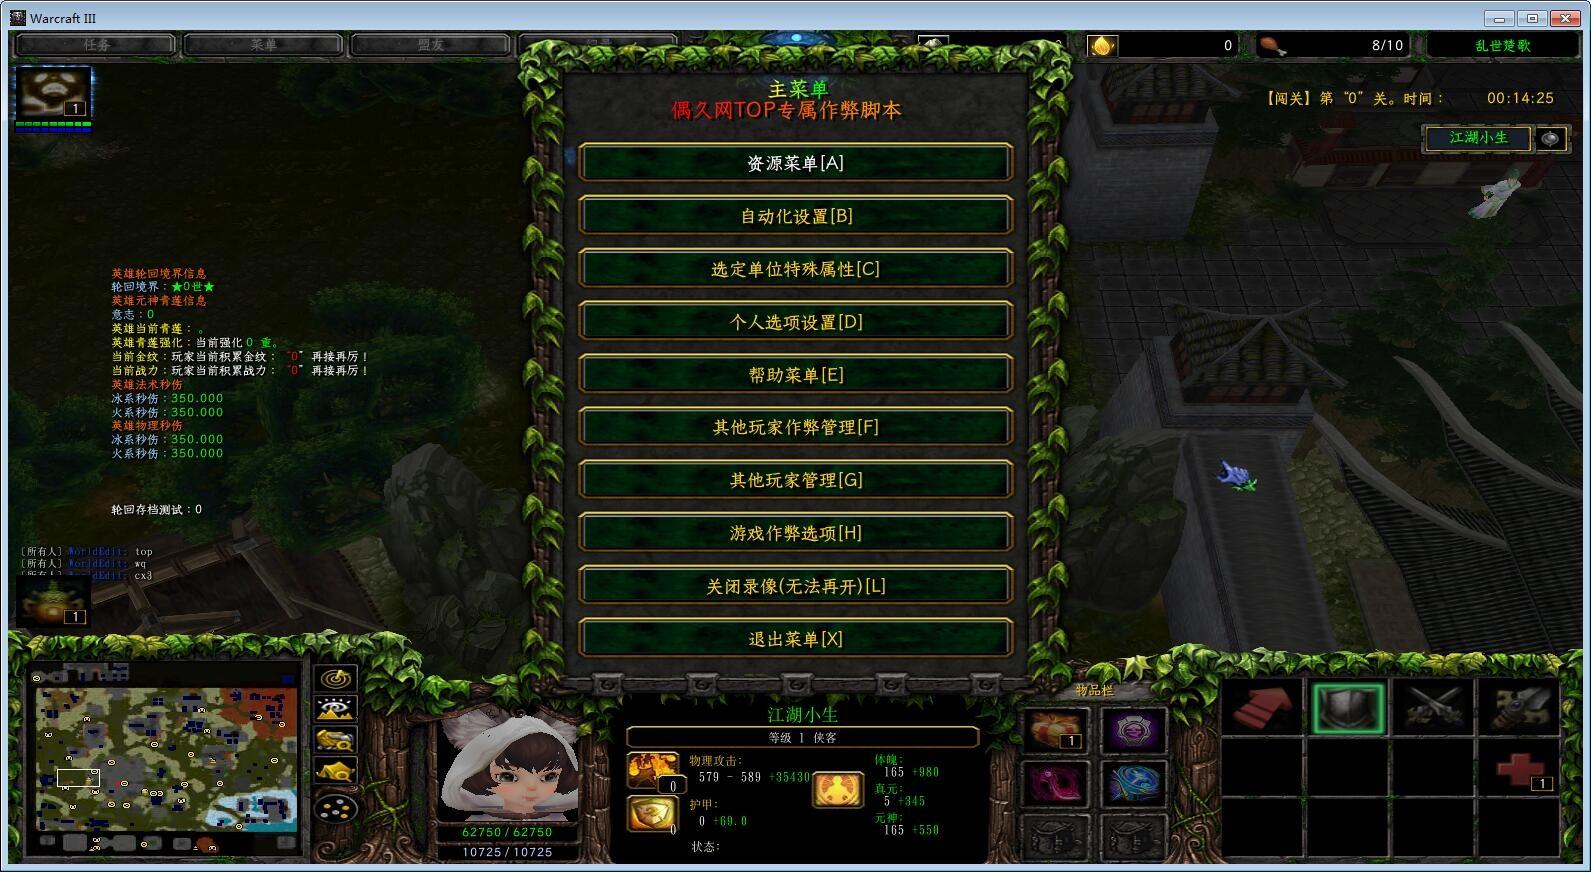 乱世楚歌问仙志3.0.3TOP破解 全定制英雄+贵族礼包+赞助宠物+鬼谷天书+秒速复活